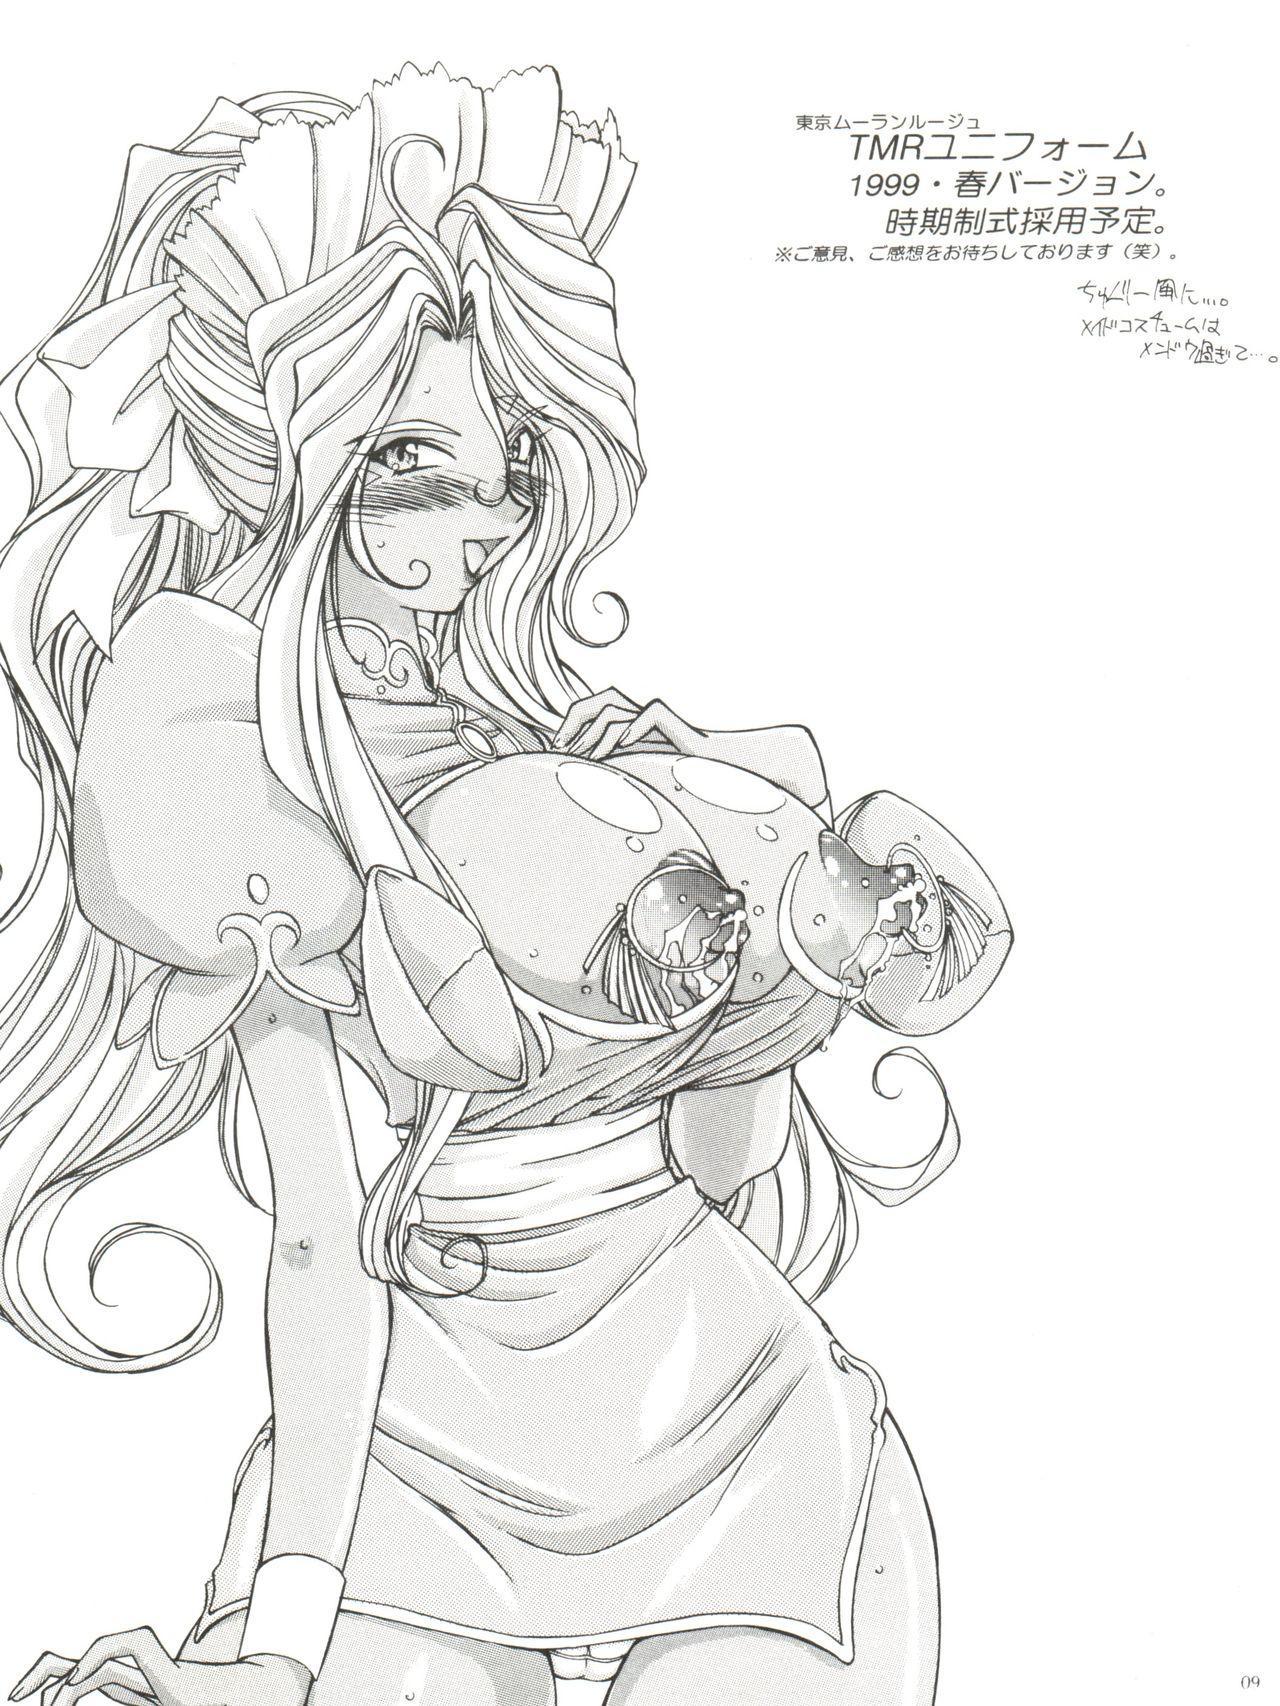 Warau Inu no Seikatsu 8